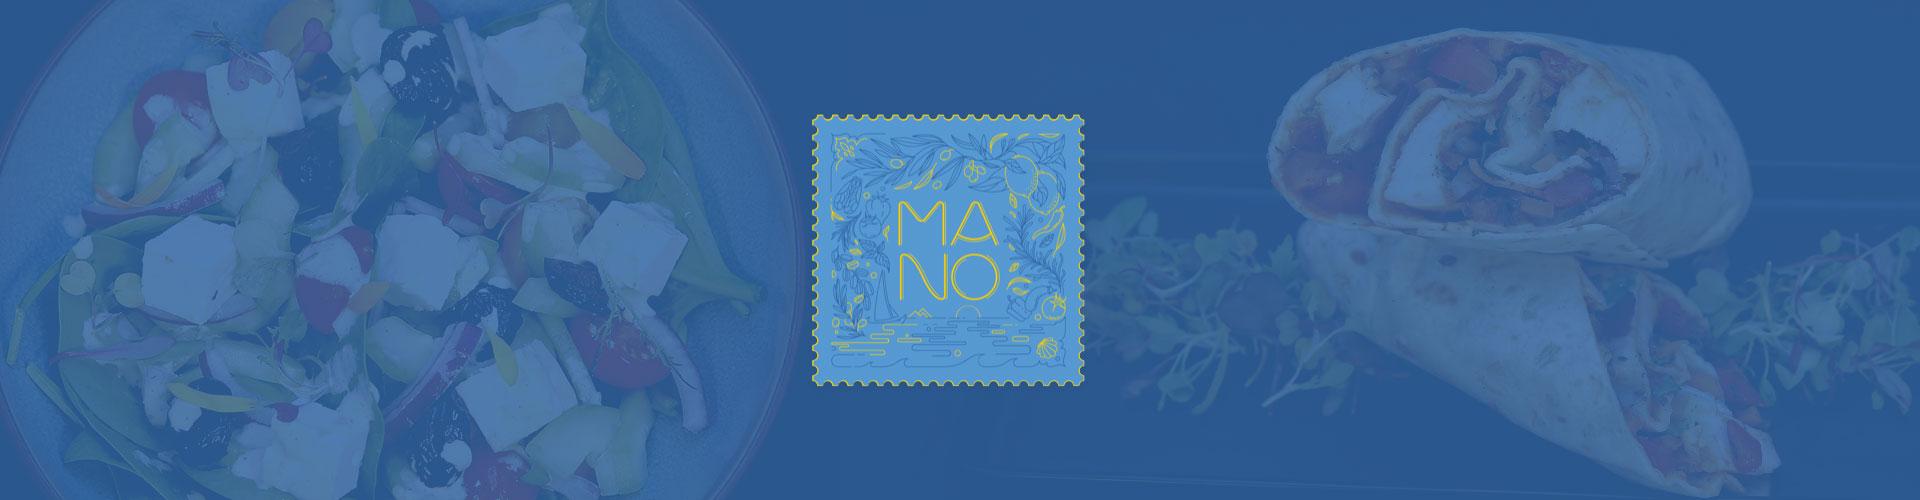 NOAM_Traiteur-Gastronomique_MANO_Banner_Fonce_85_1920x500